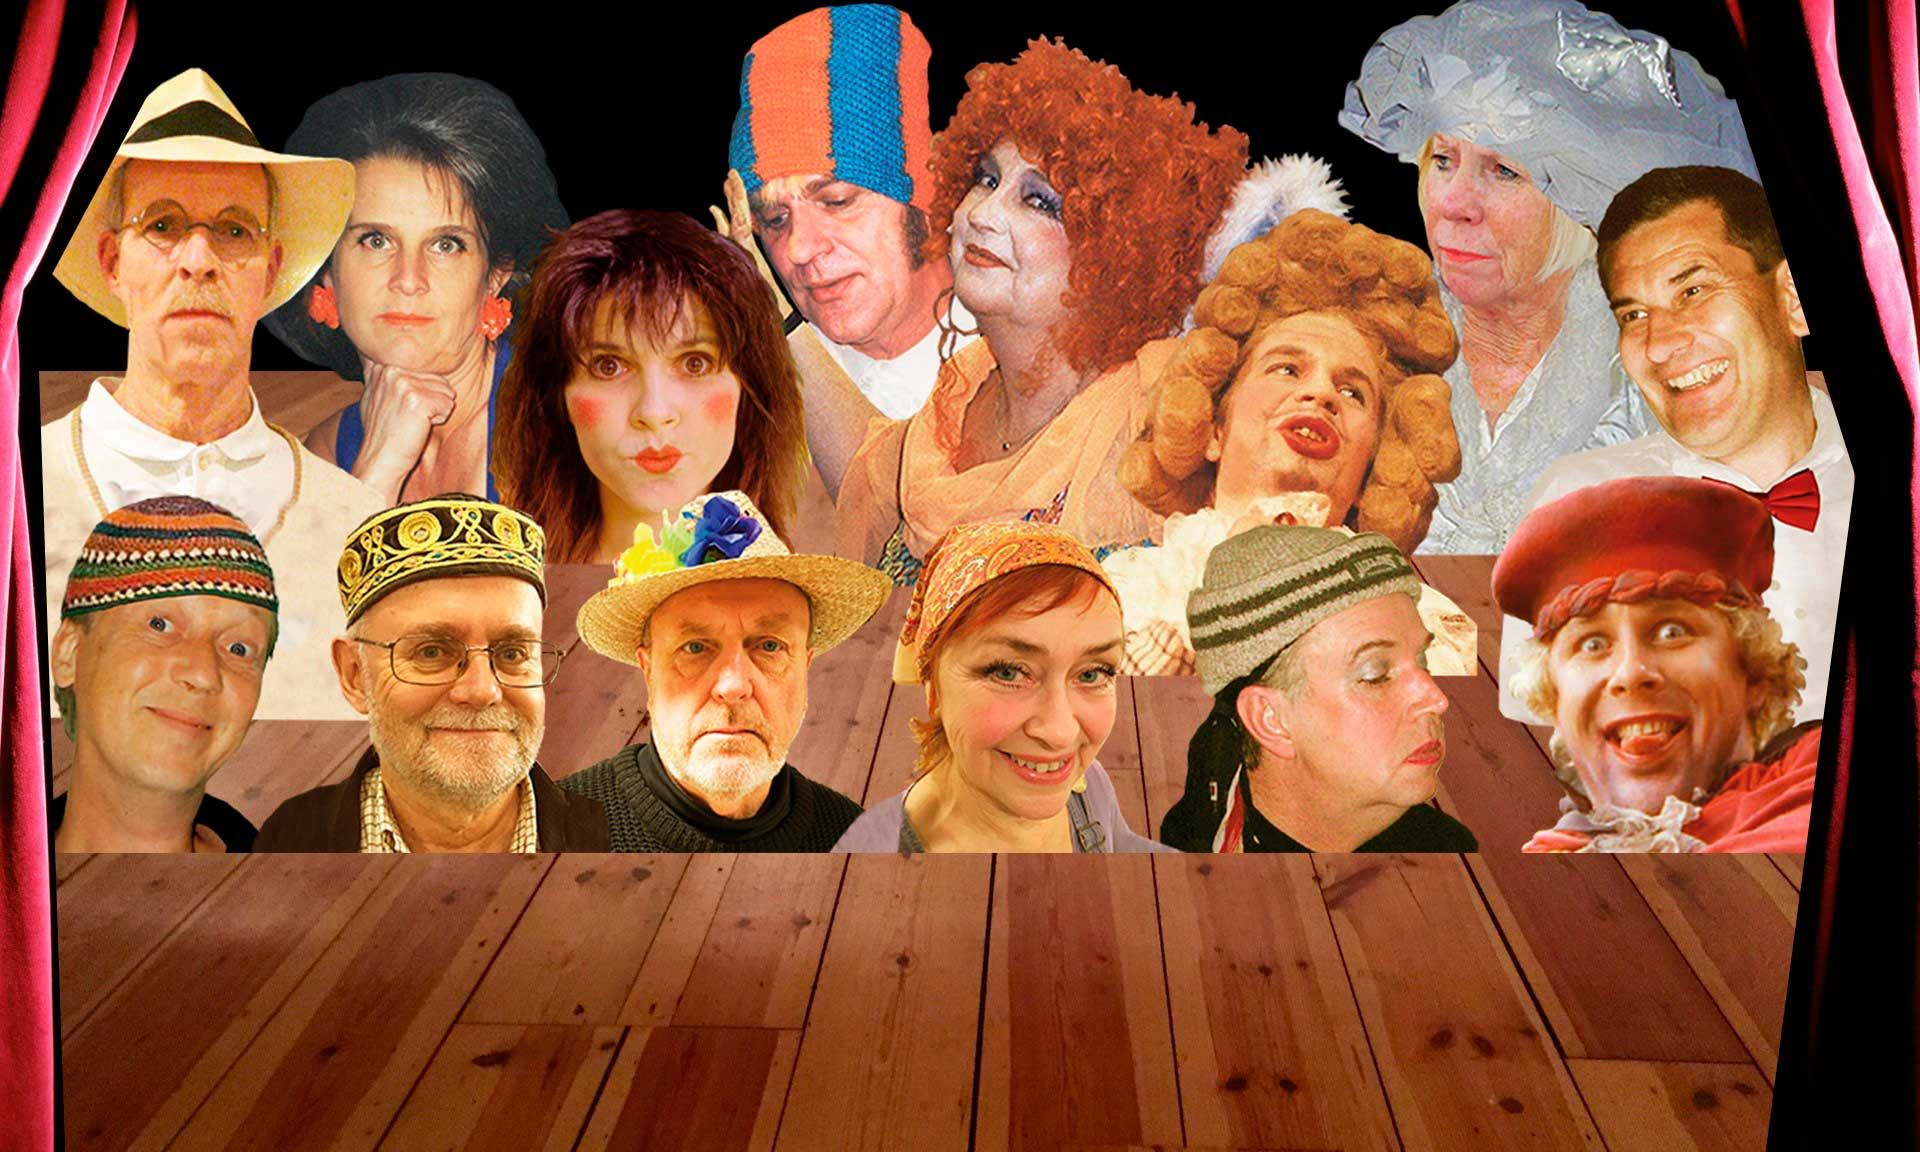 Jubelfrossa - Lokalteatern fyller 40 år! 17 november